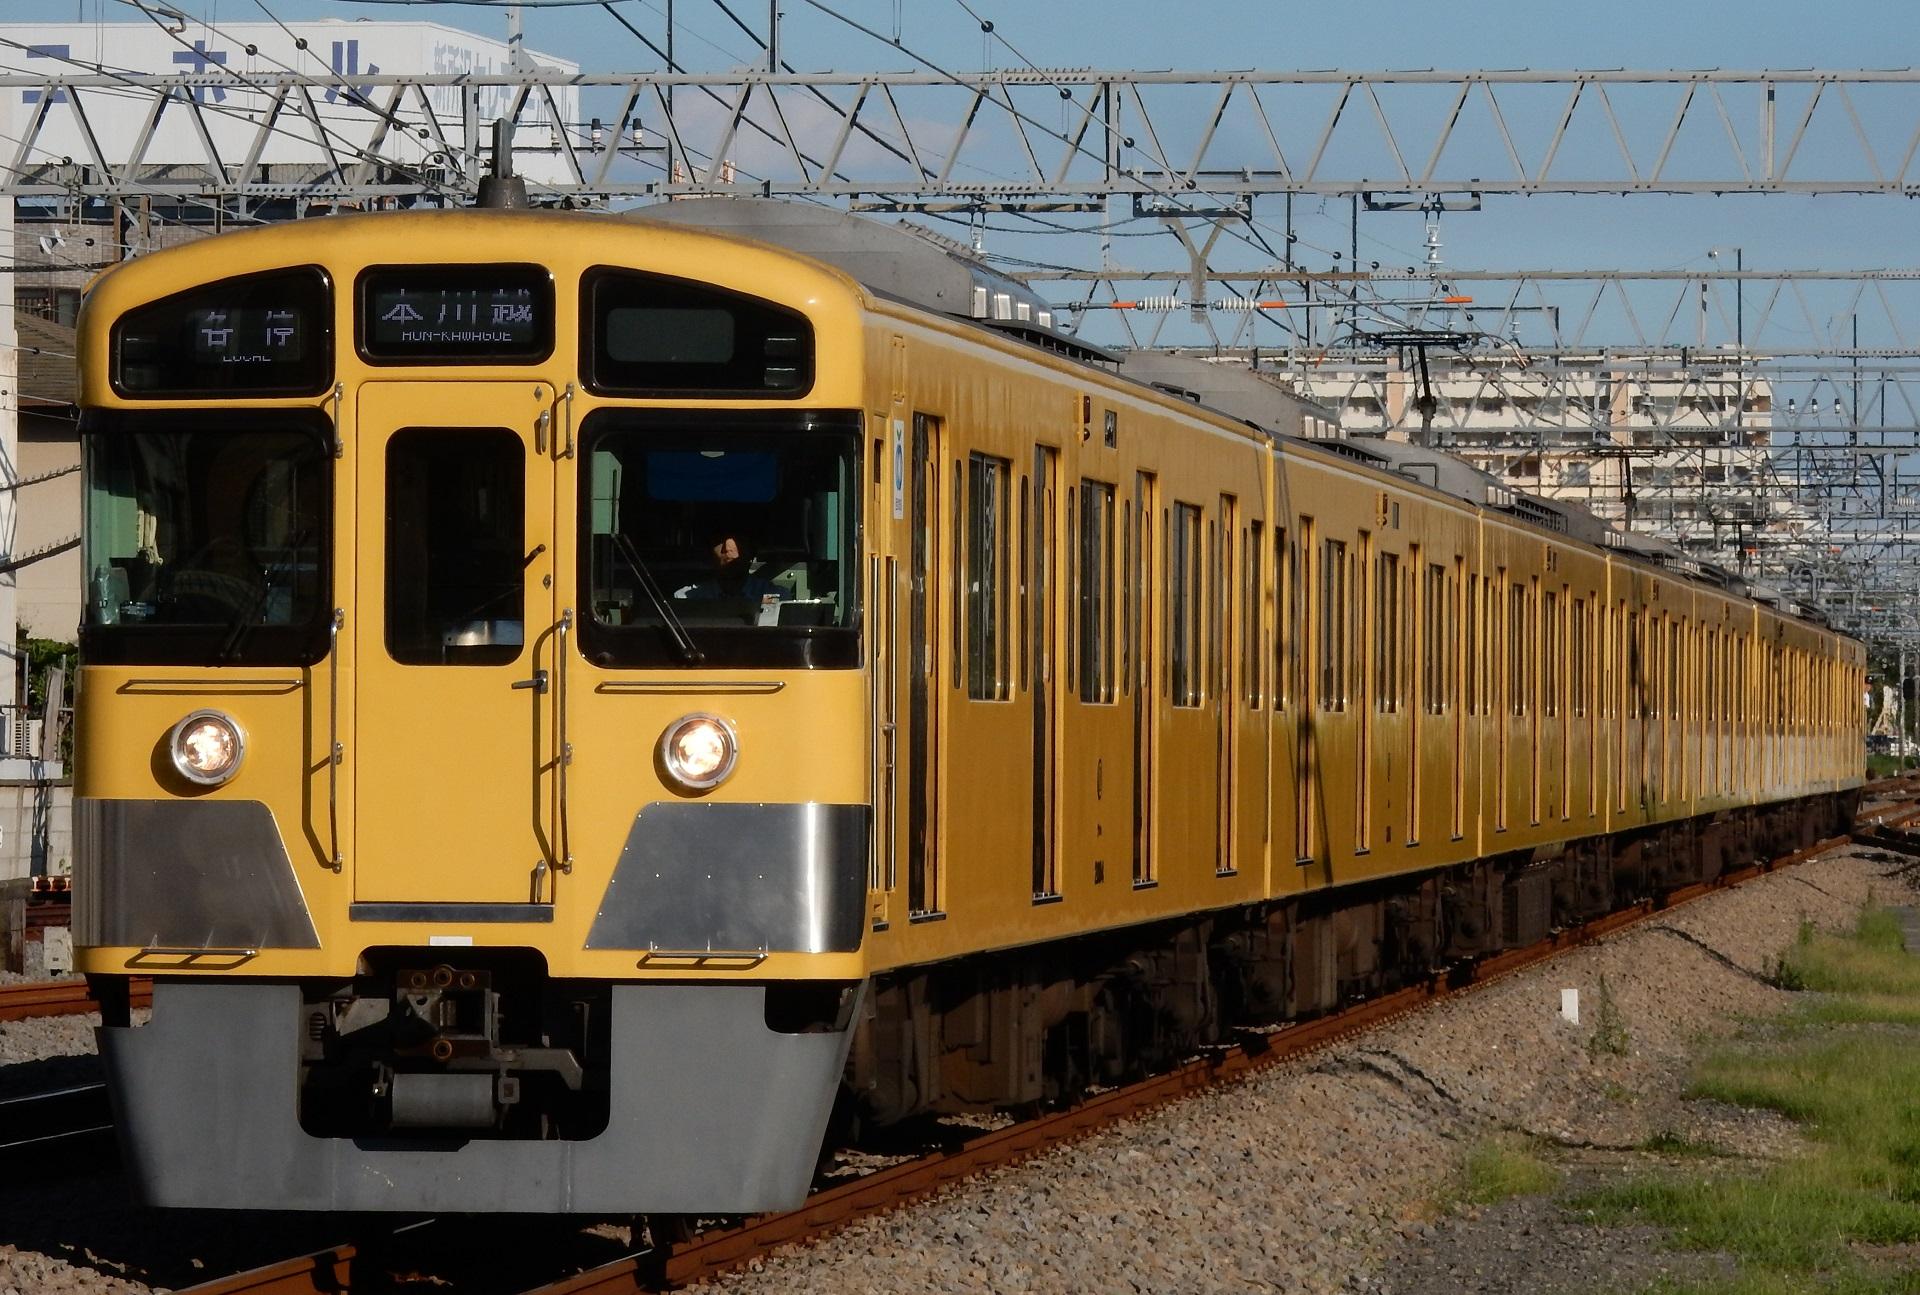 DSCN4249 - コピー